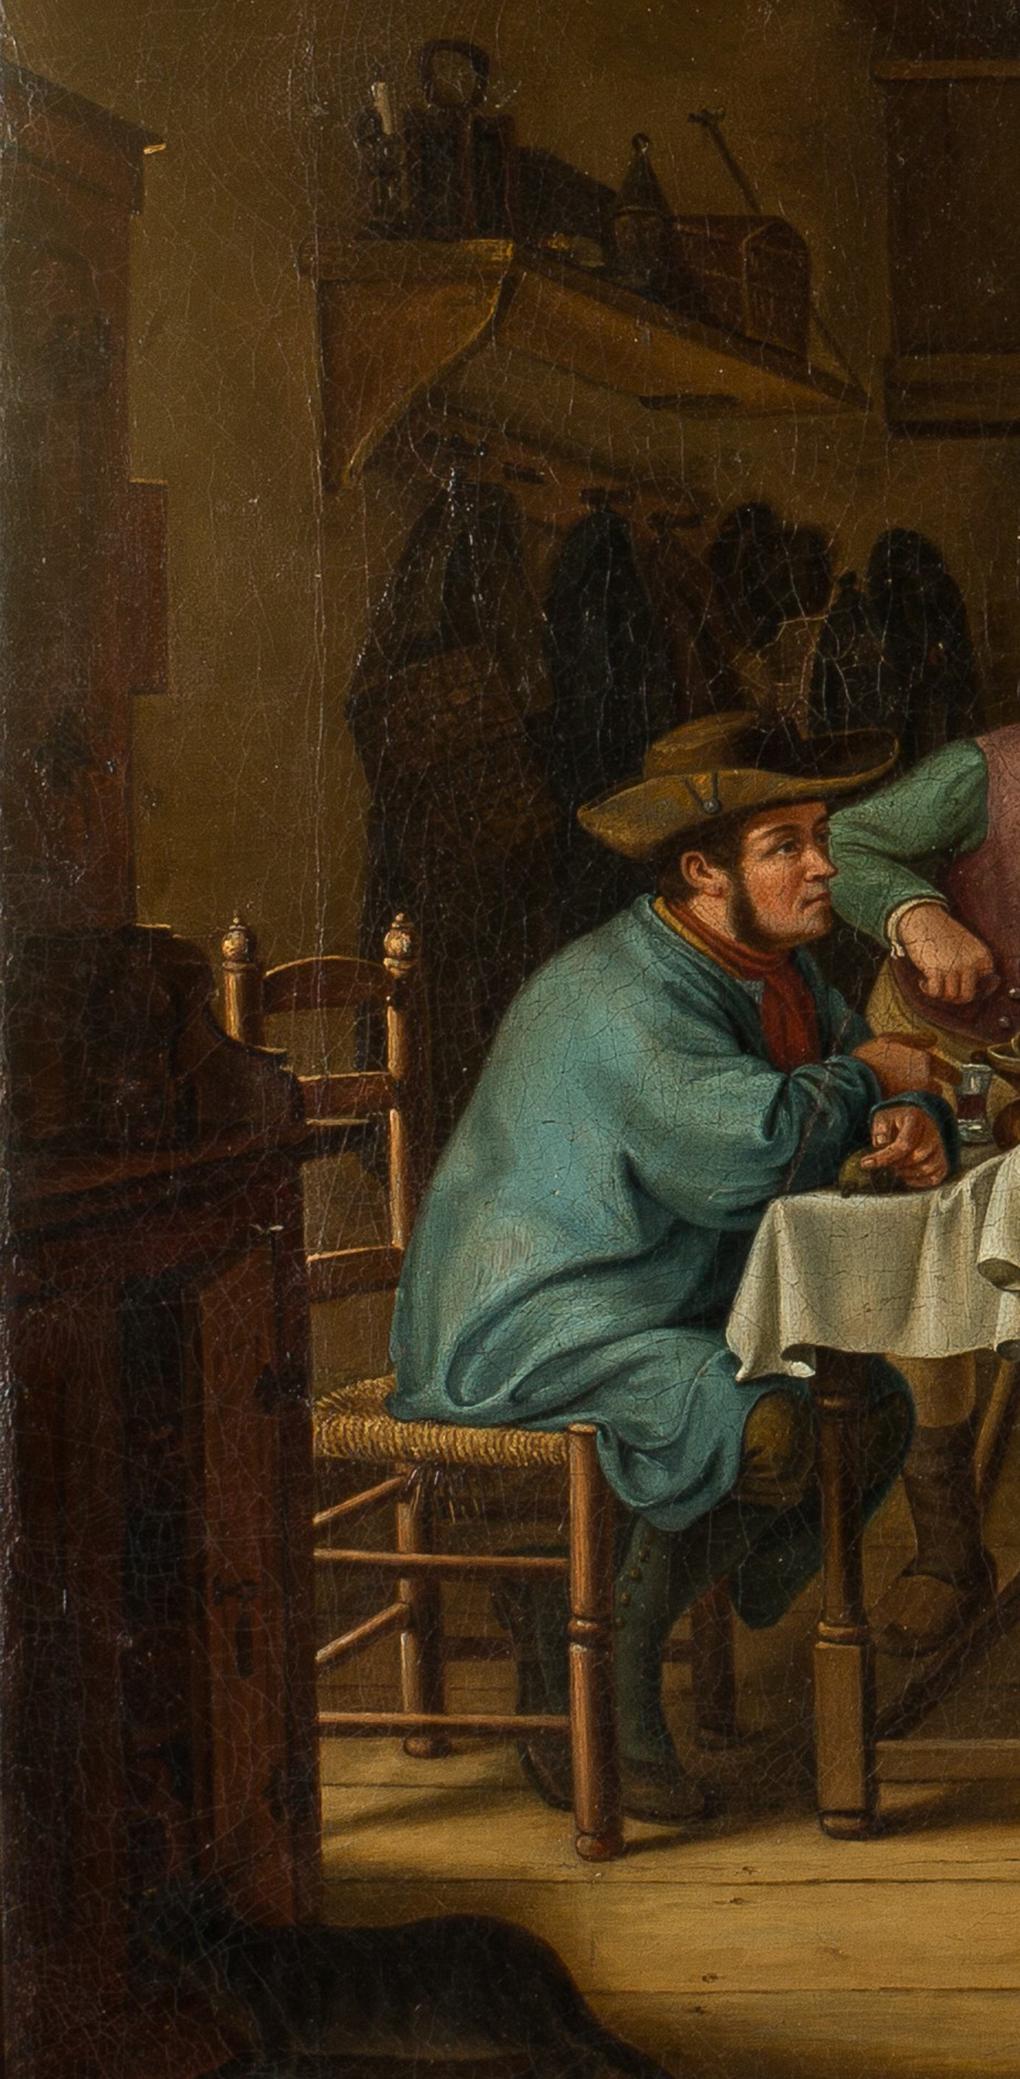 Theodor Gerhard, kopia według Ludwiga Mosta, Scena w karczmie, lewy fragment, 1831, olej na płótnie, własność Antykwariat Marek Wyłupek, Szczecin